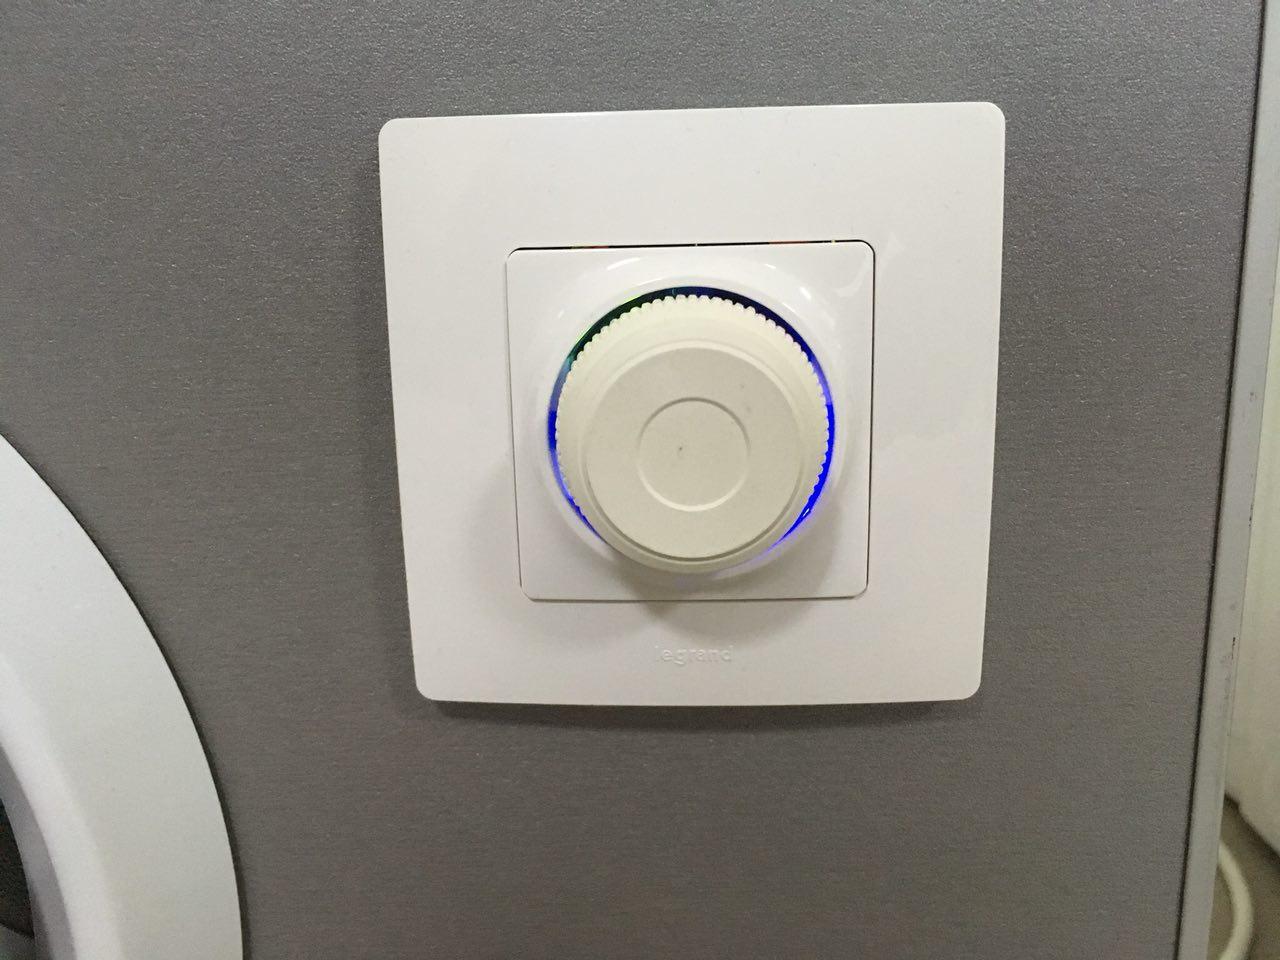 Бытовая приточно-вытяжная вентиляция с рекуперацией тепла Reventa 2-2m